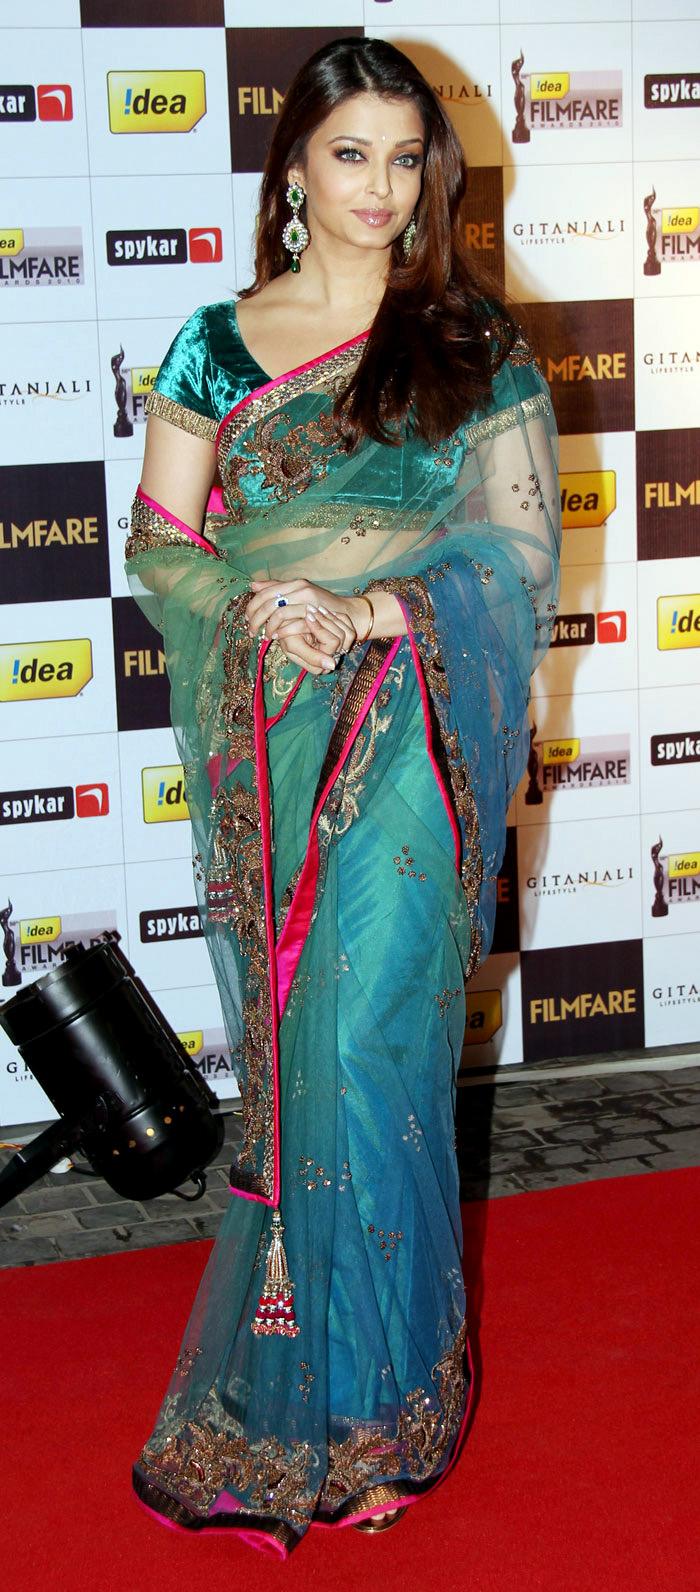 stylish gorgeous splendid Aishwarya rai various images collection